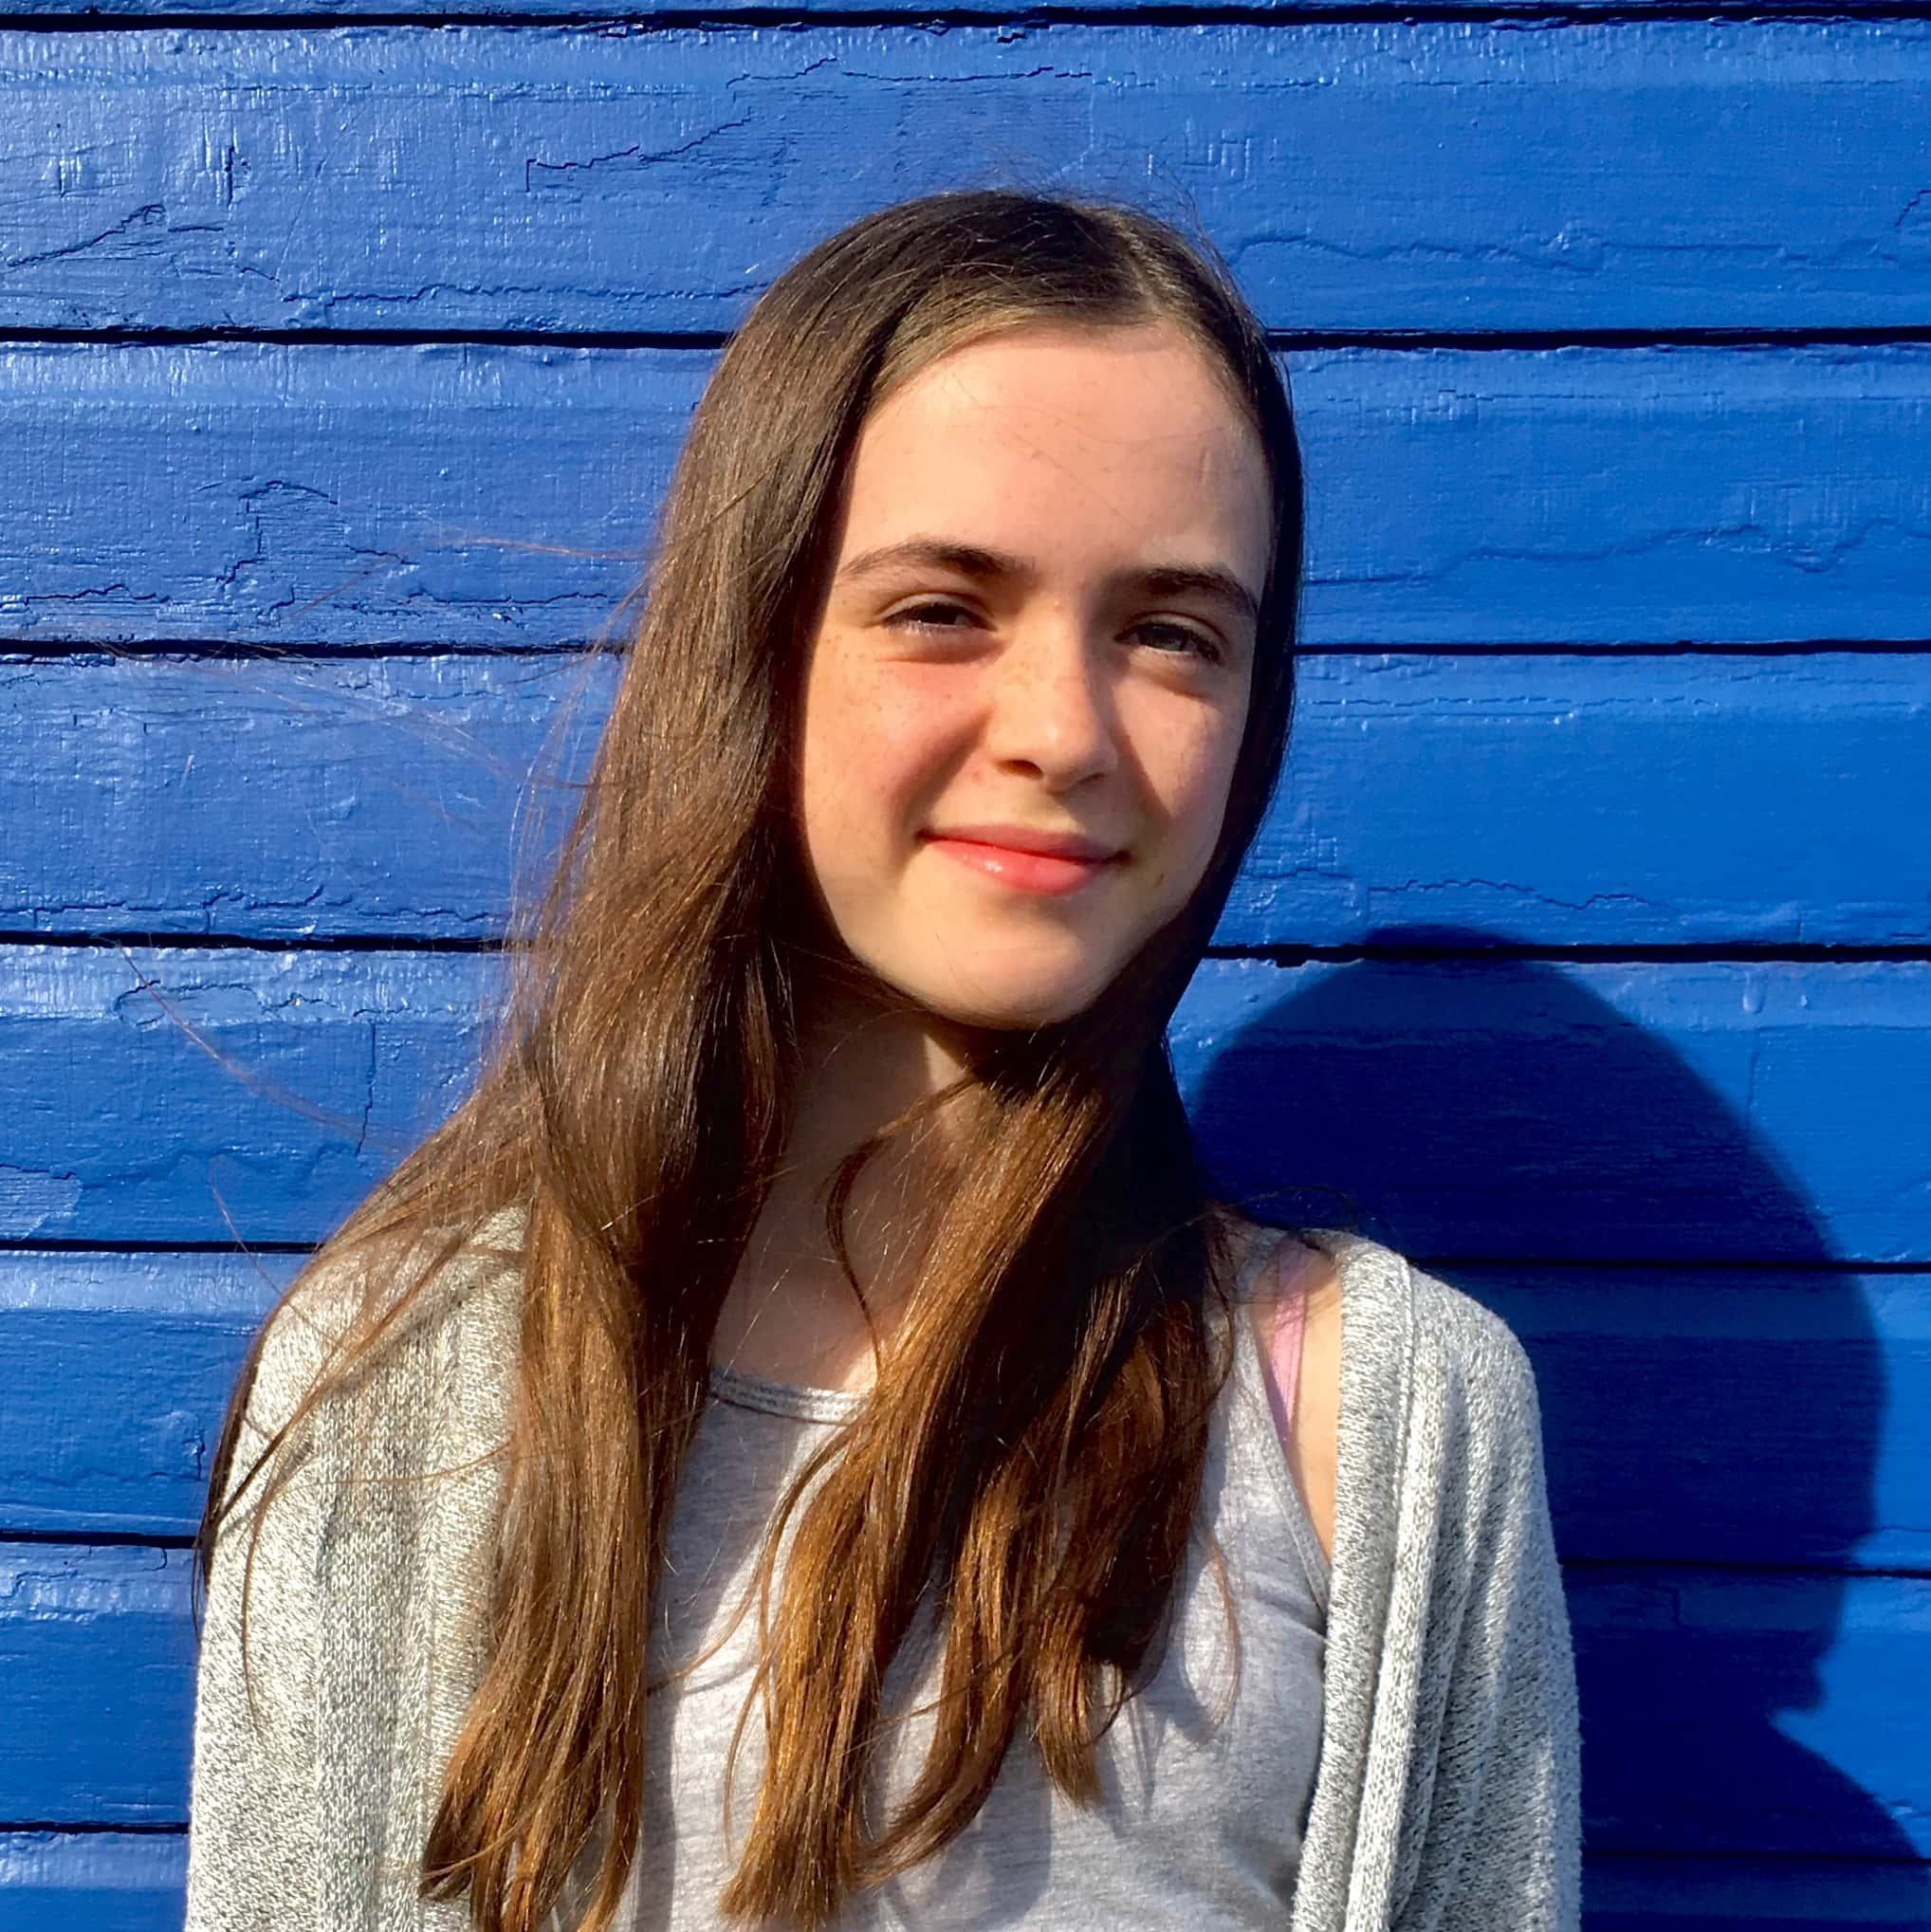 Portrait de Sophie, auteure de cet article Jeunesse portant sur les impacts écologiques du tourisme.